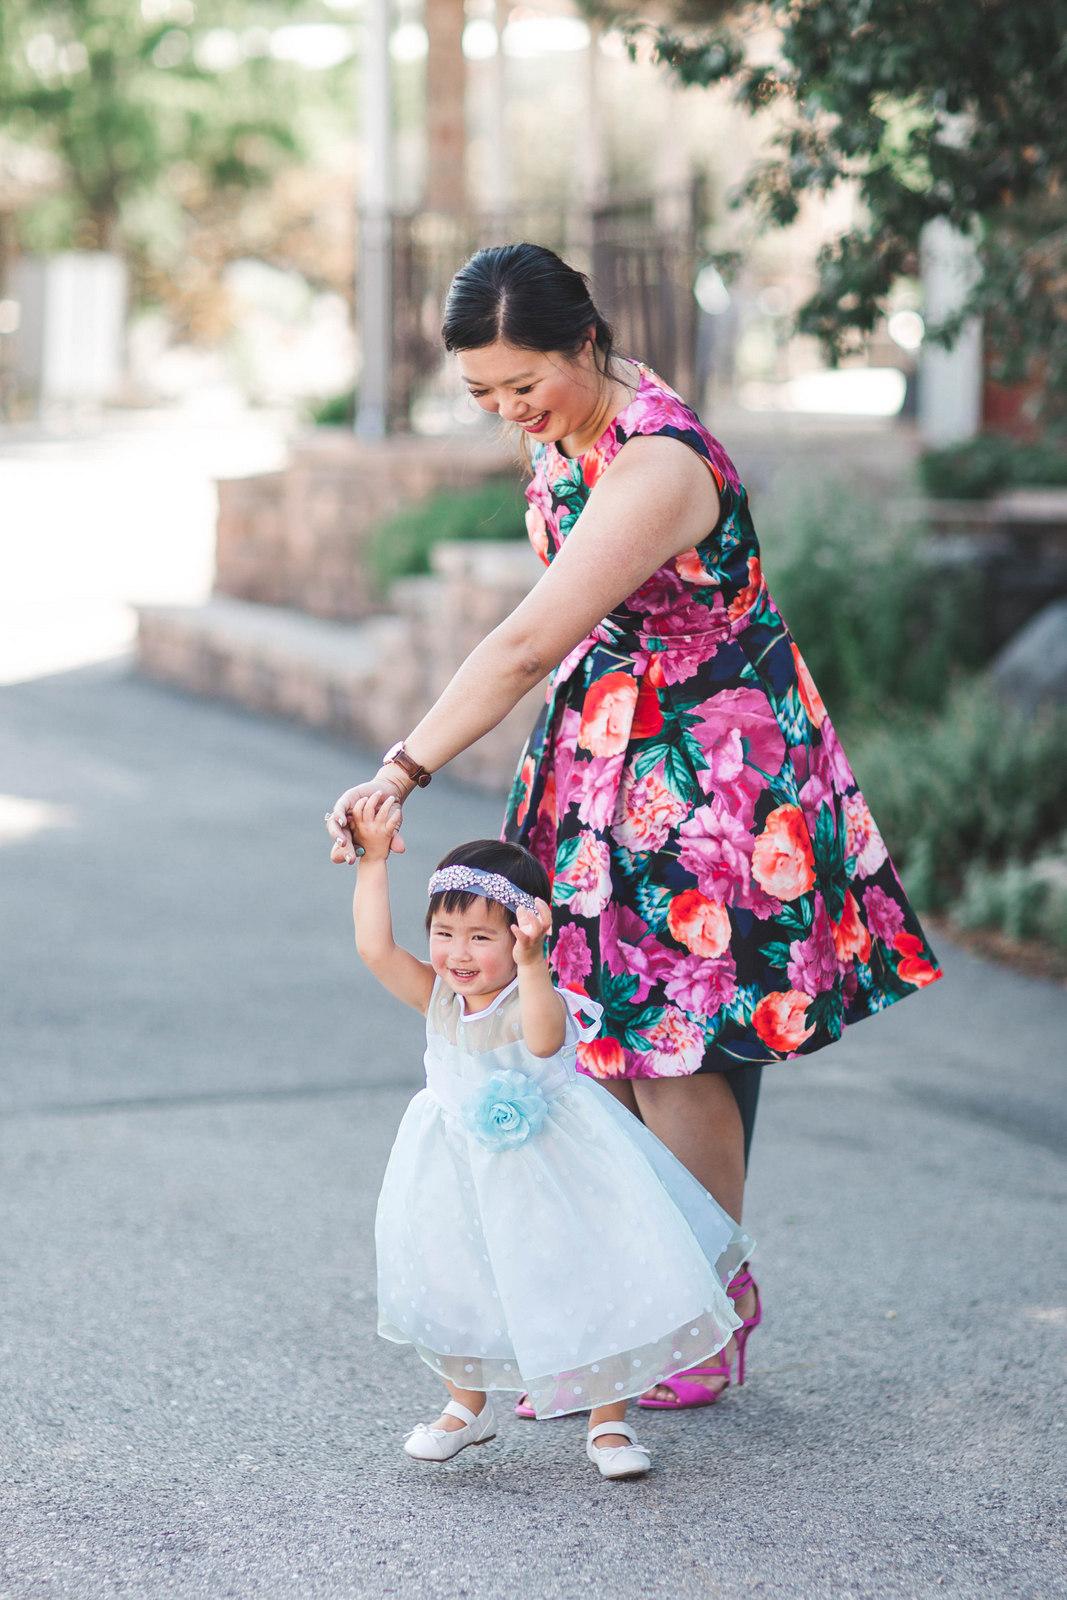 Summer Wedding Dresses for Girls